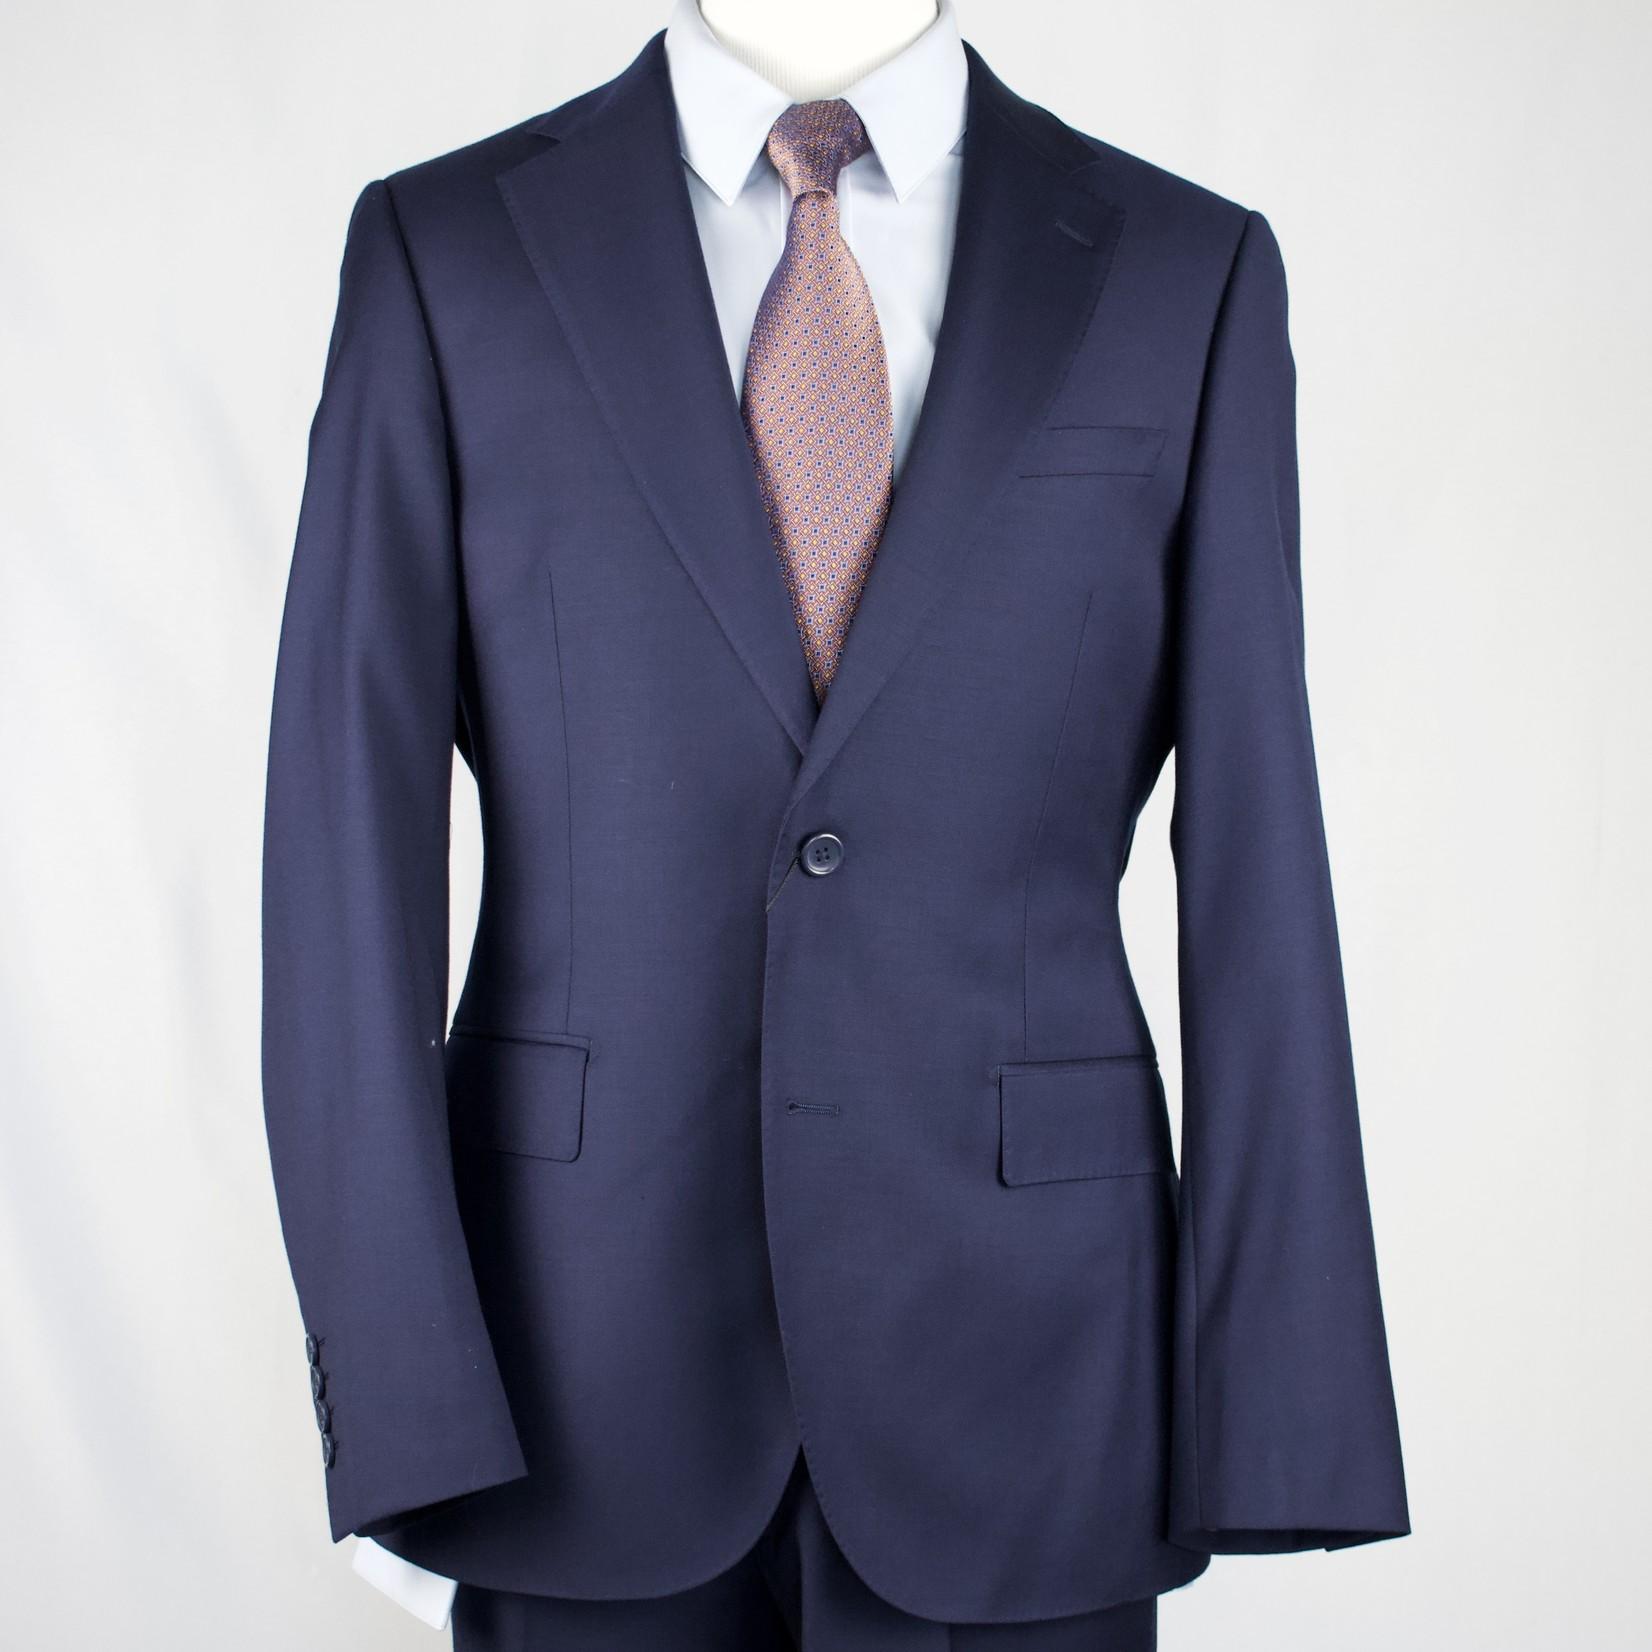 Max Davoli Suit